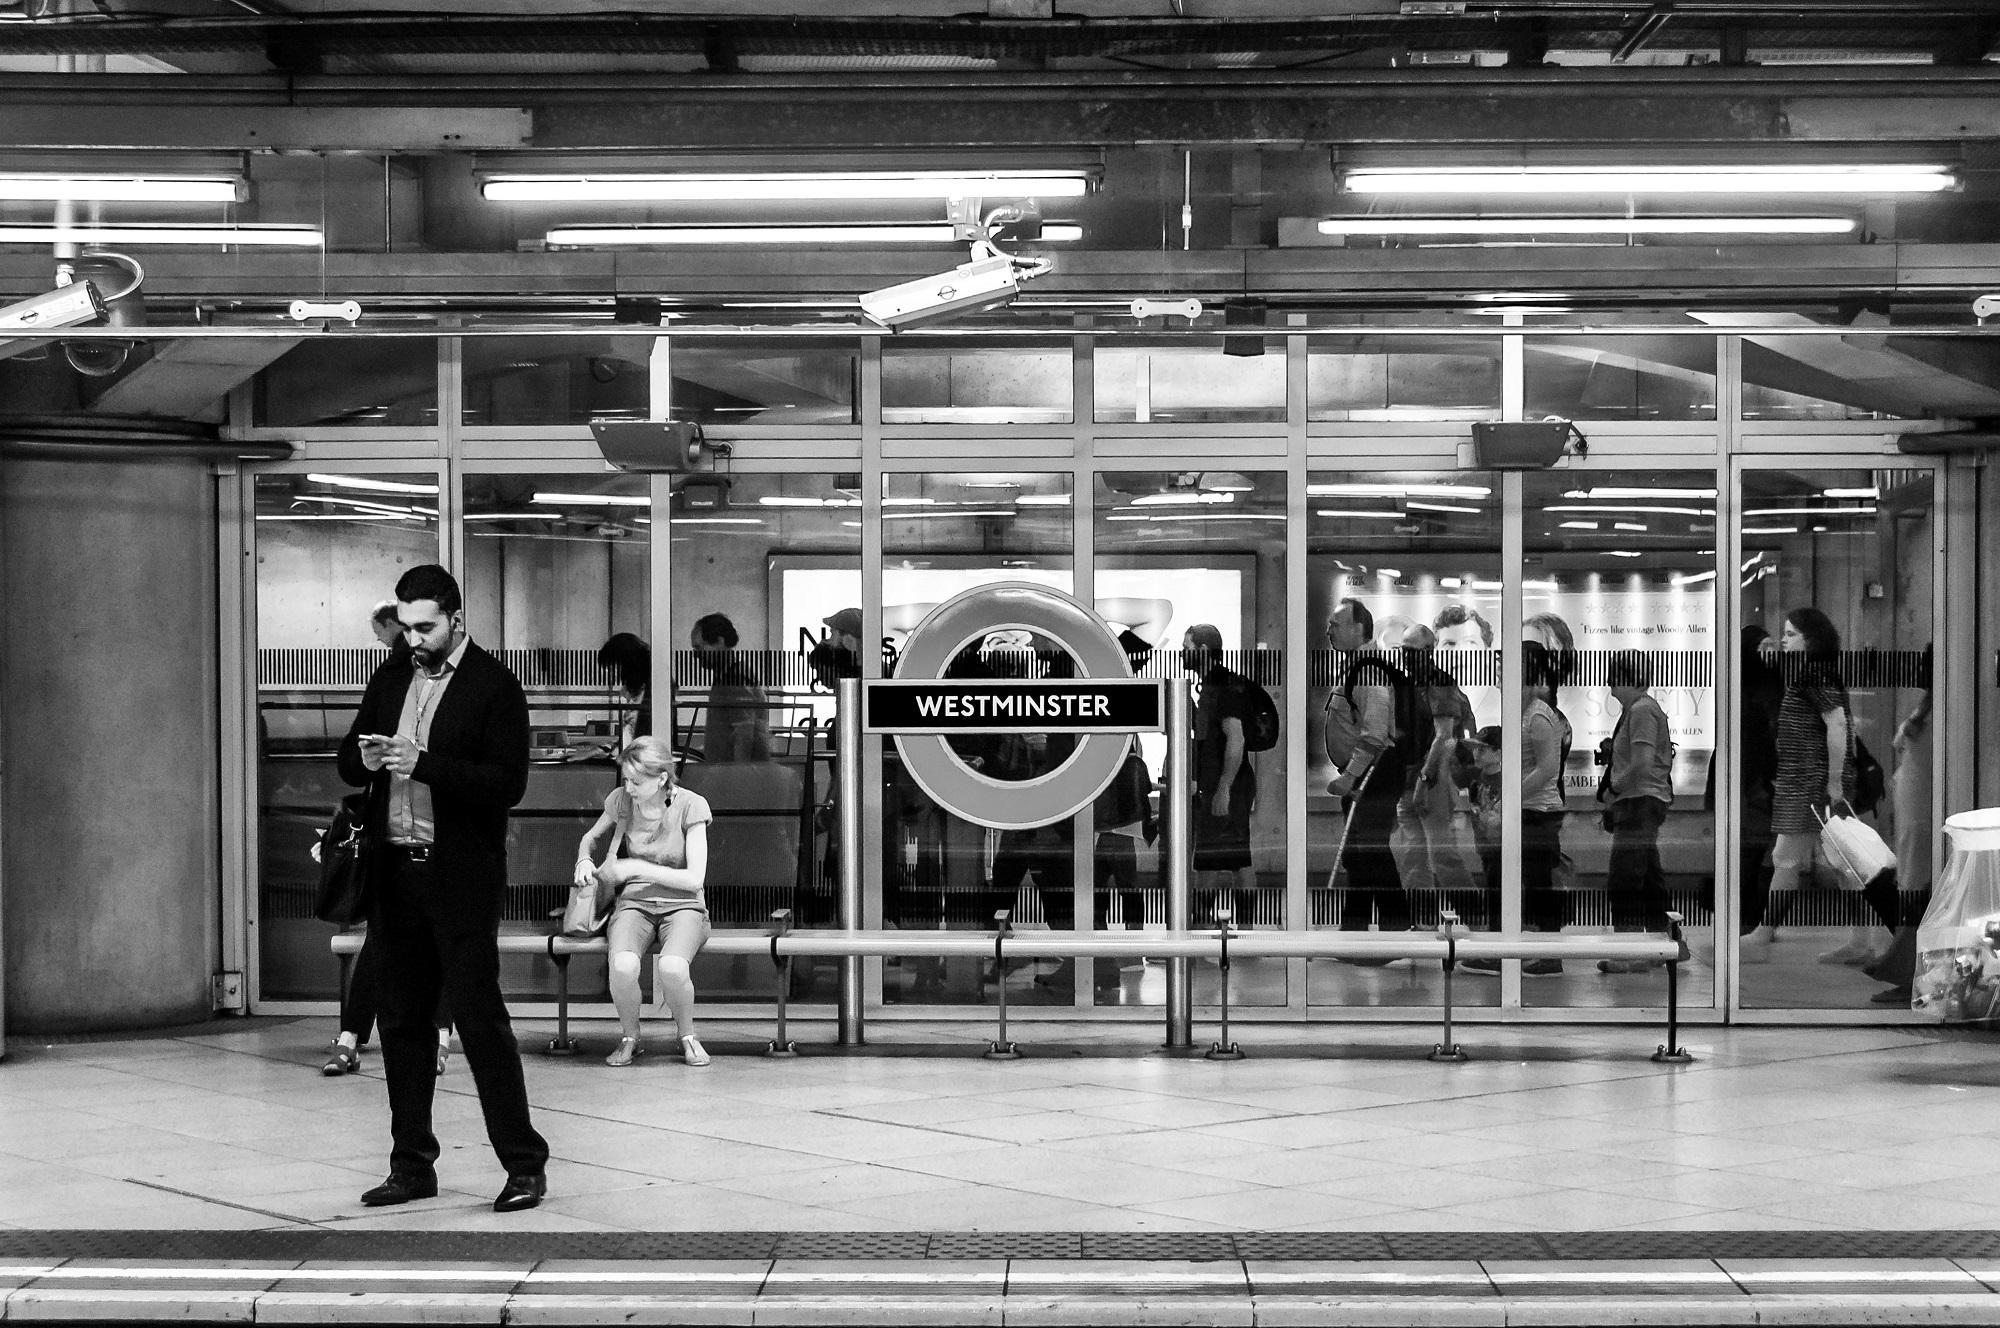 Undergroundstation Westminster